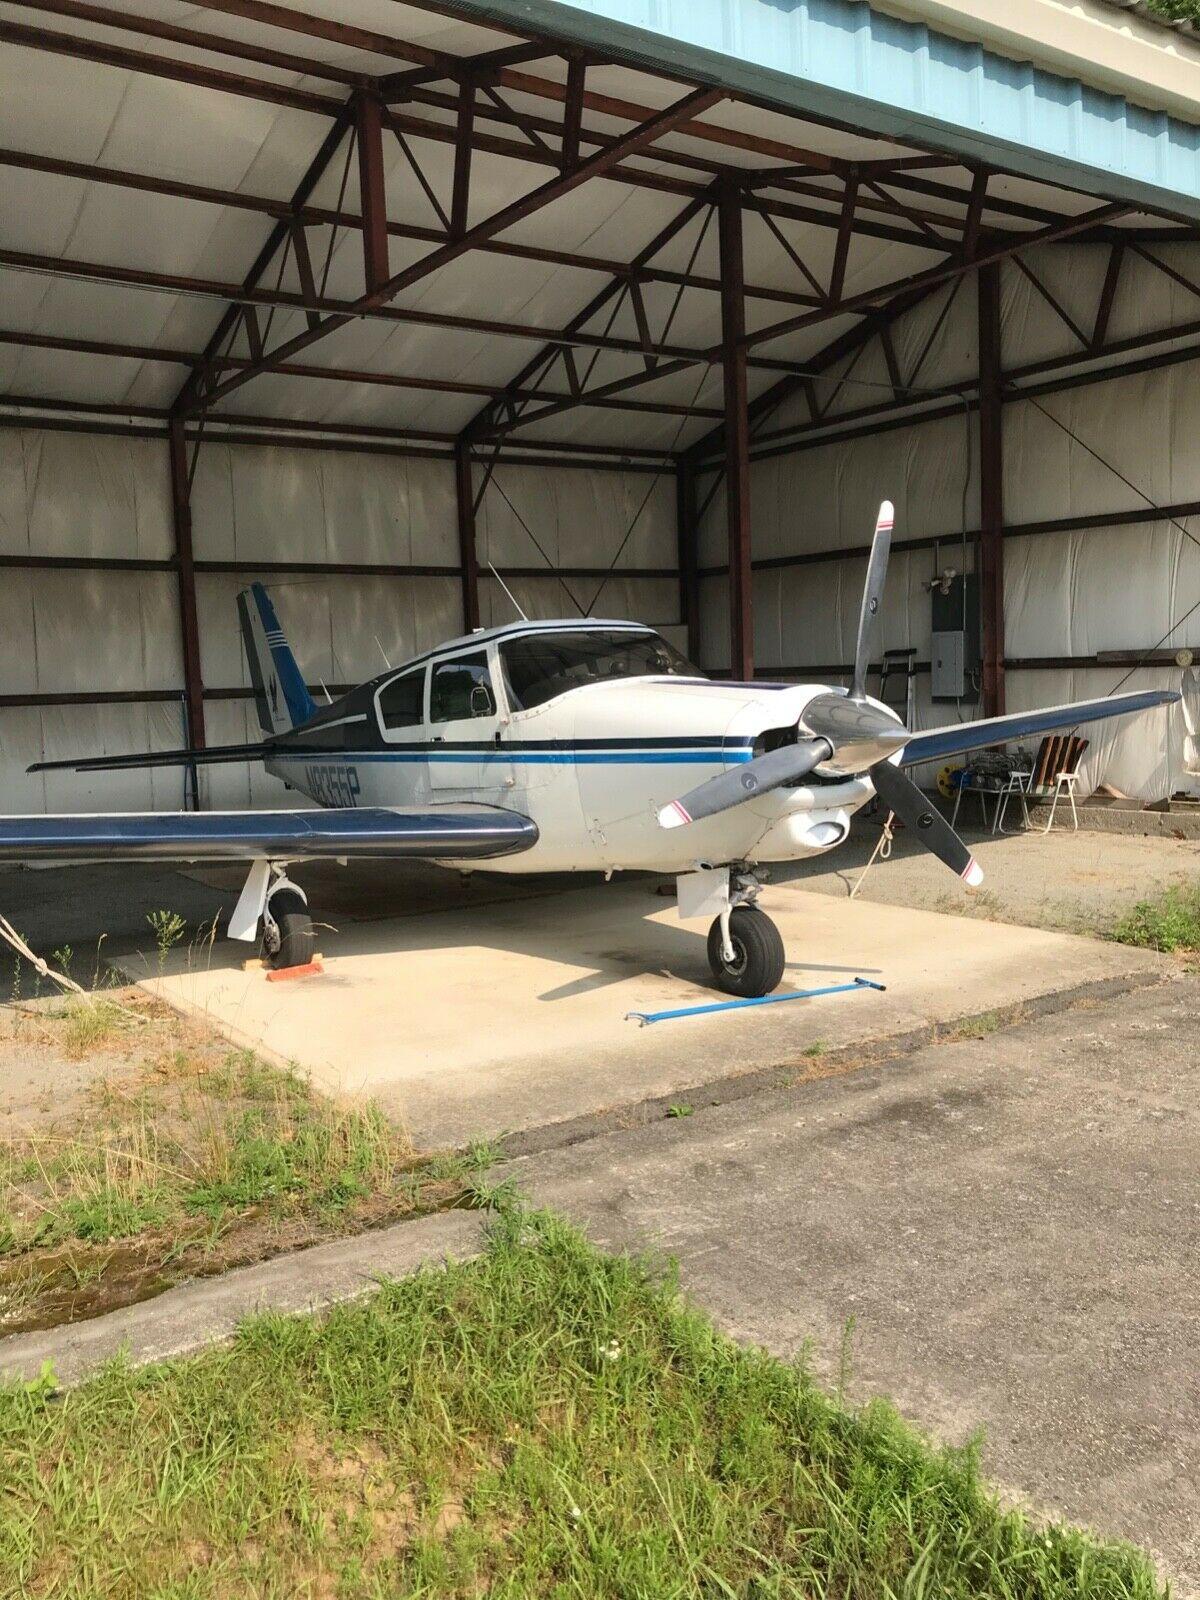 new parts 1964 Piper Comanche 250 aircraft for sale